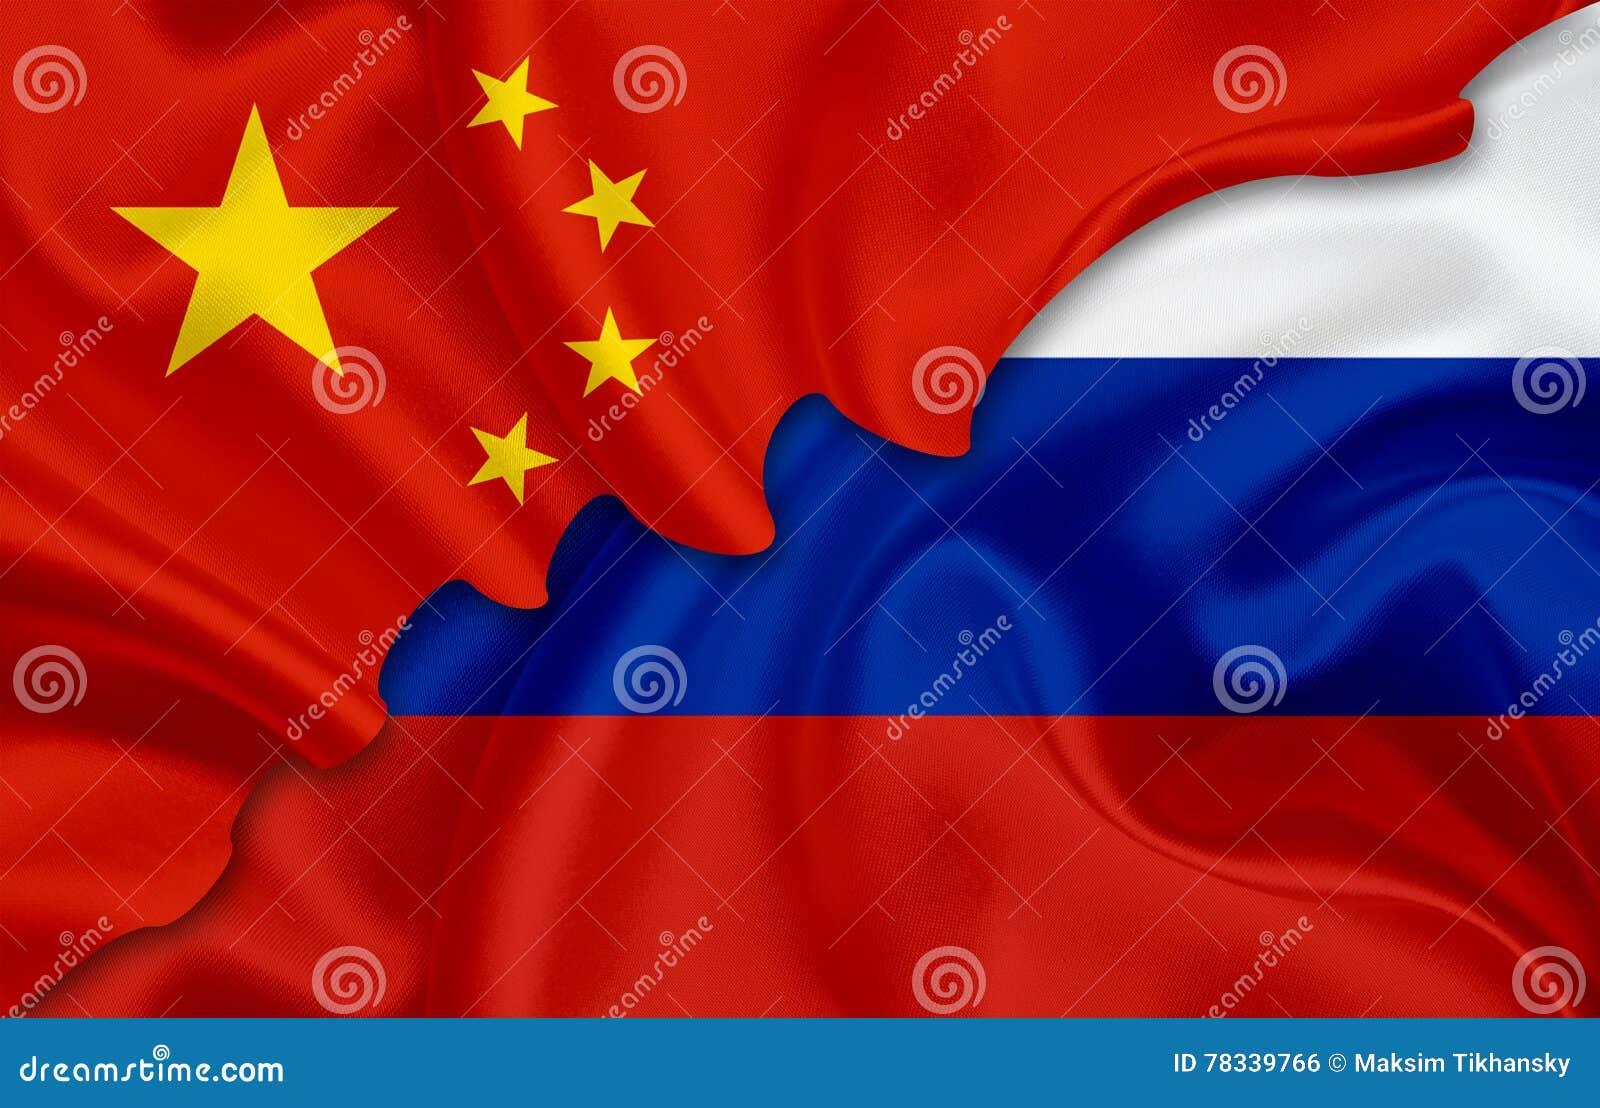 Bandiera della Cina e bandiera della Russia